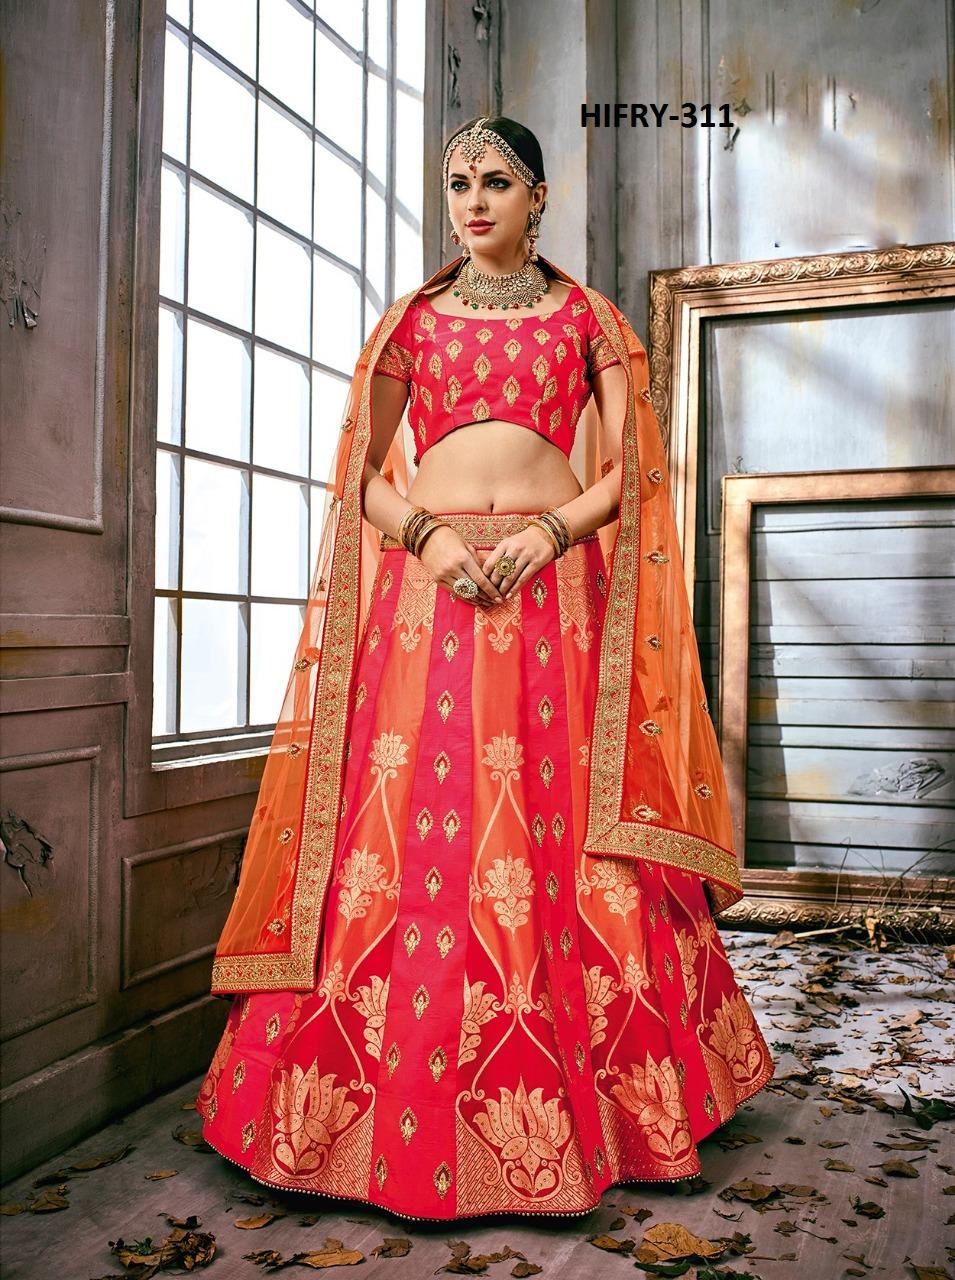 Hitansh Fashion Fairy Designer Lehenga H 311